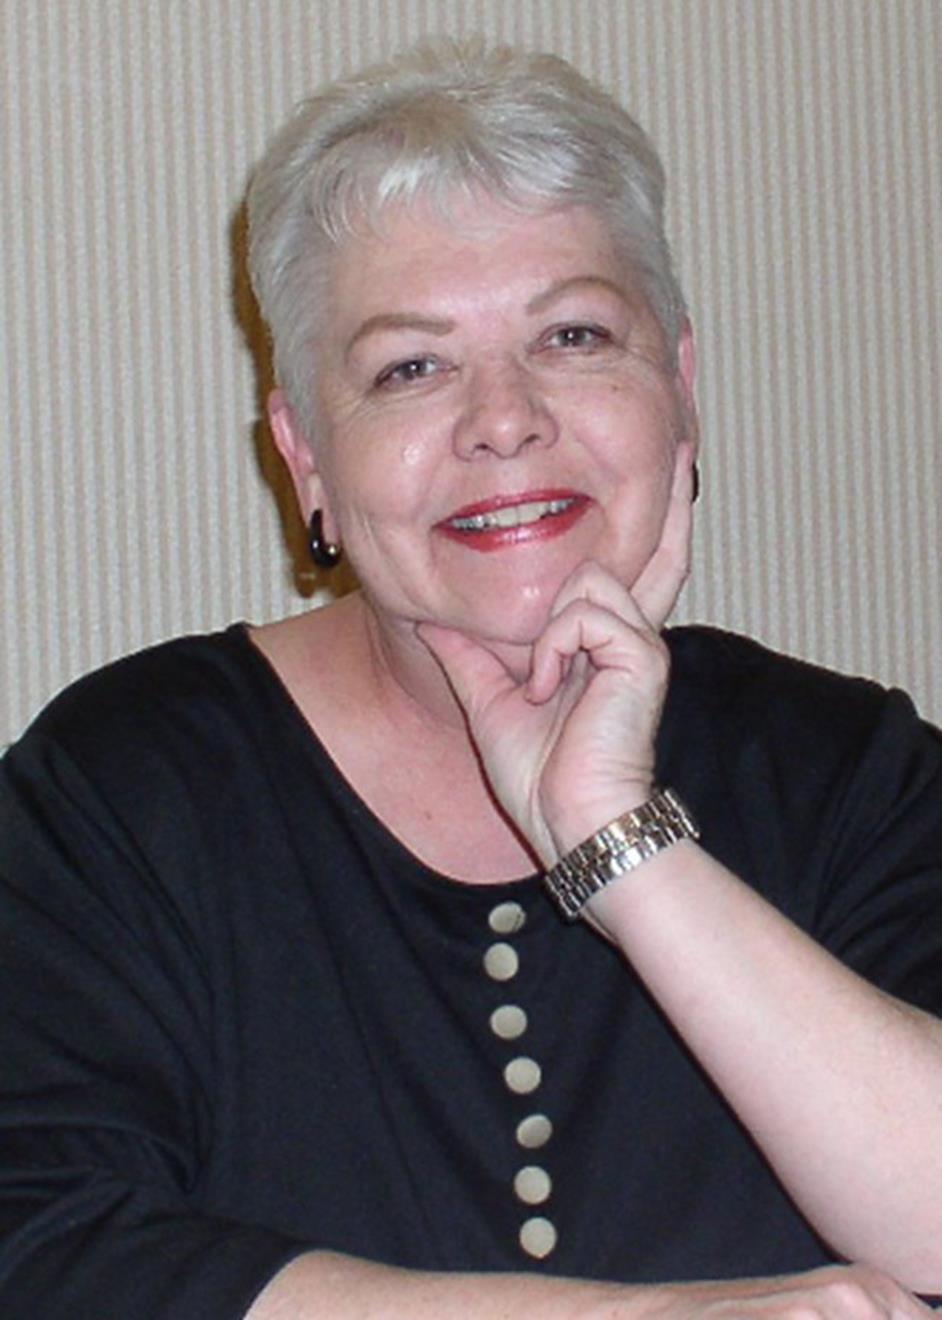 Valerie Wilson Stephenson